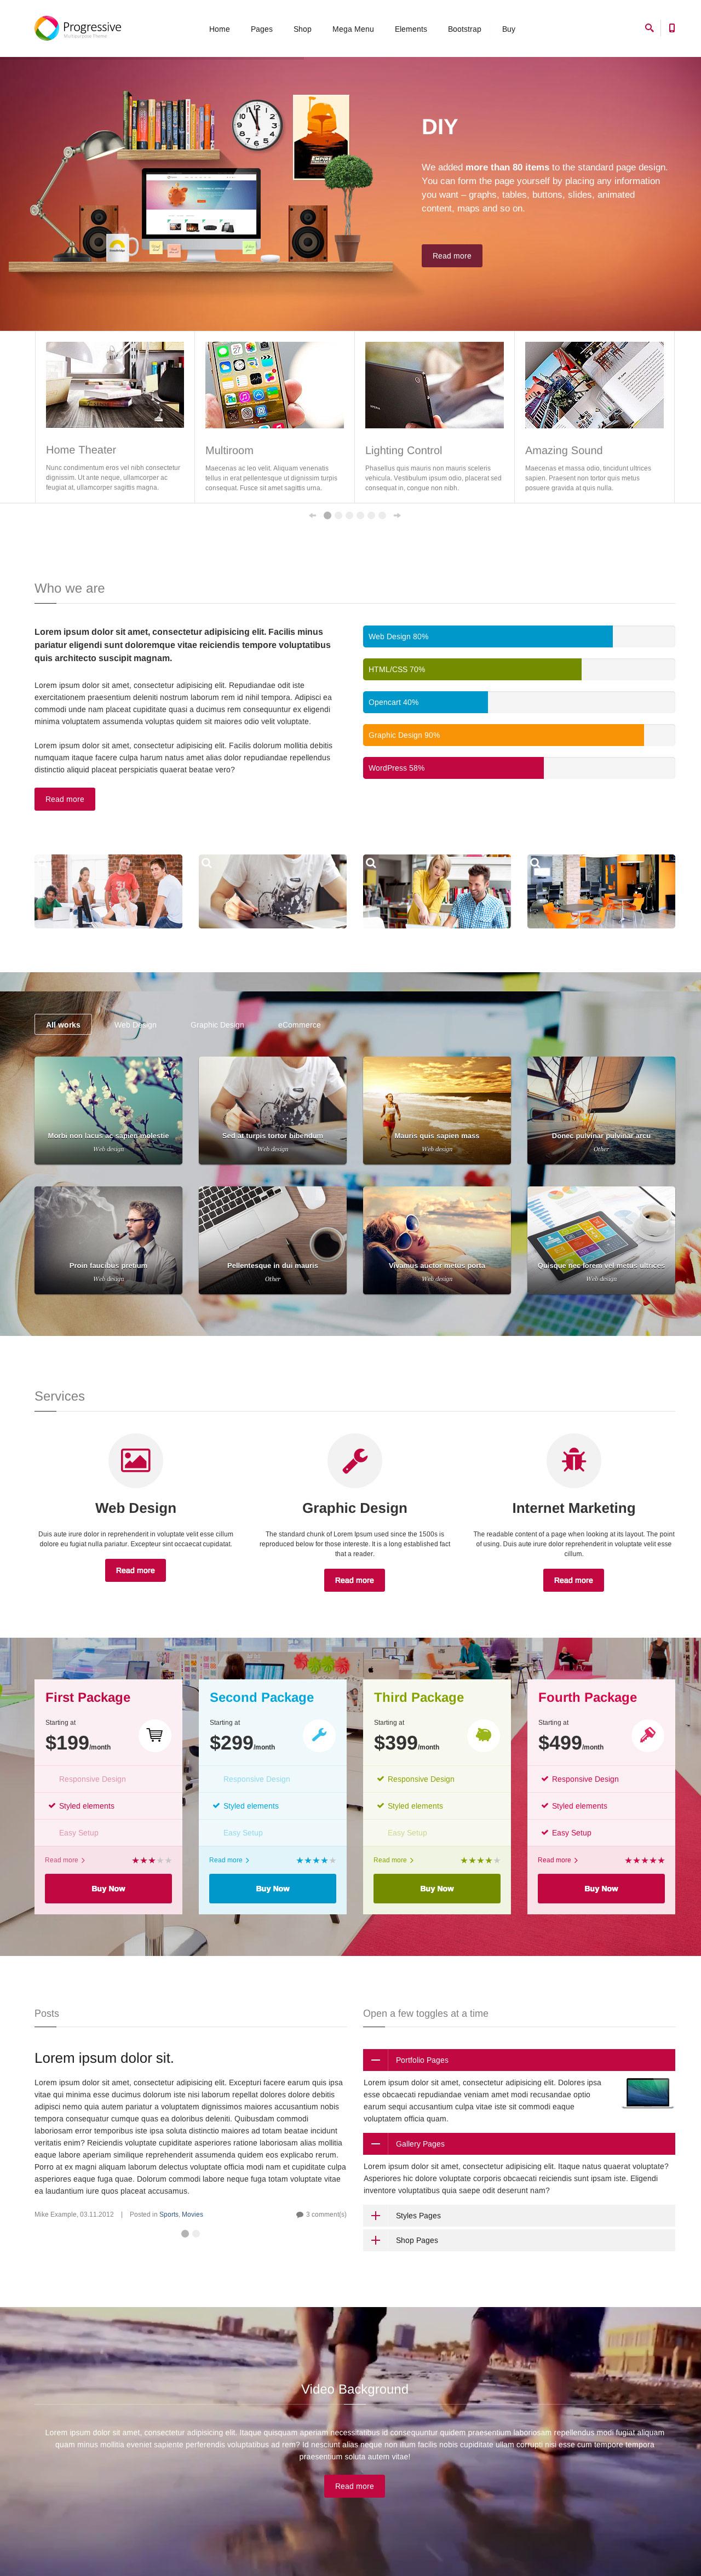 Progressive Website Screenshot